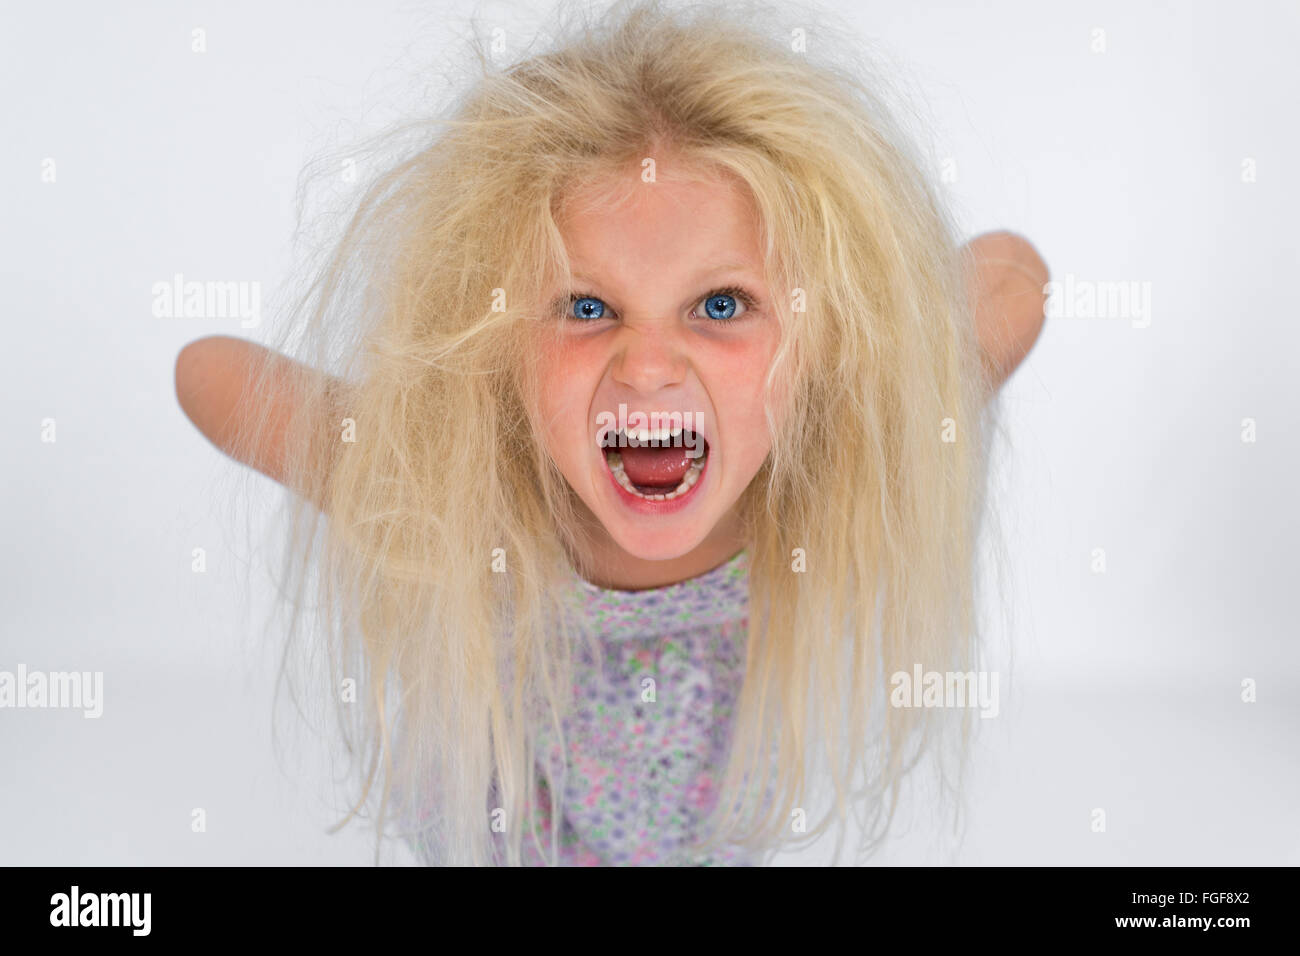 Niña con cabello rubio desordenado gritando Foto de stock